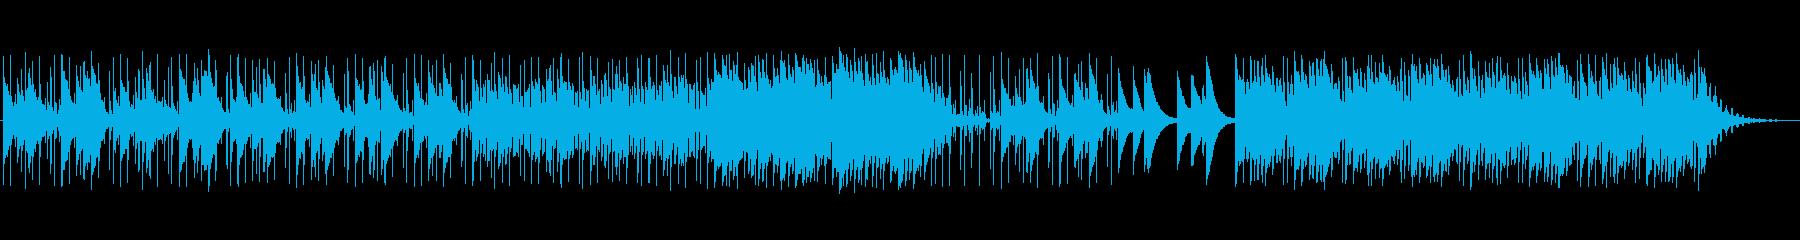 グロッケンがメロディーの静かな曲の再生済みの波形